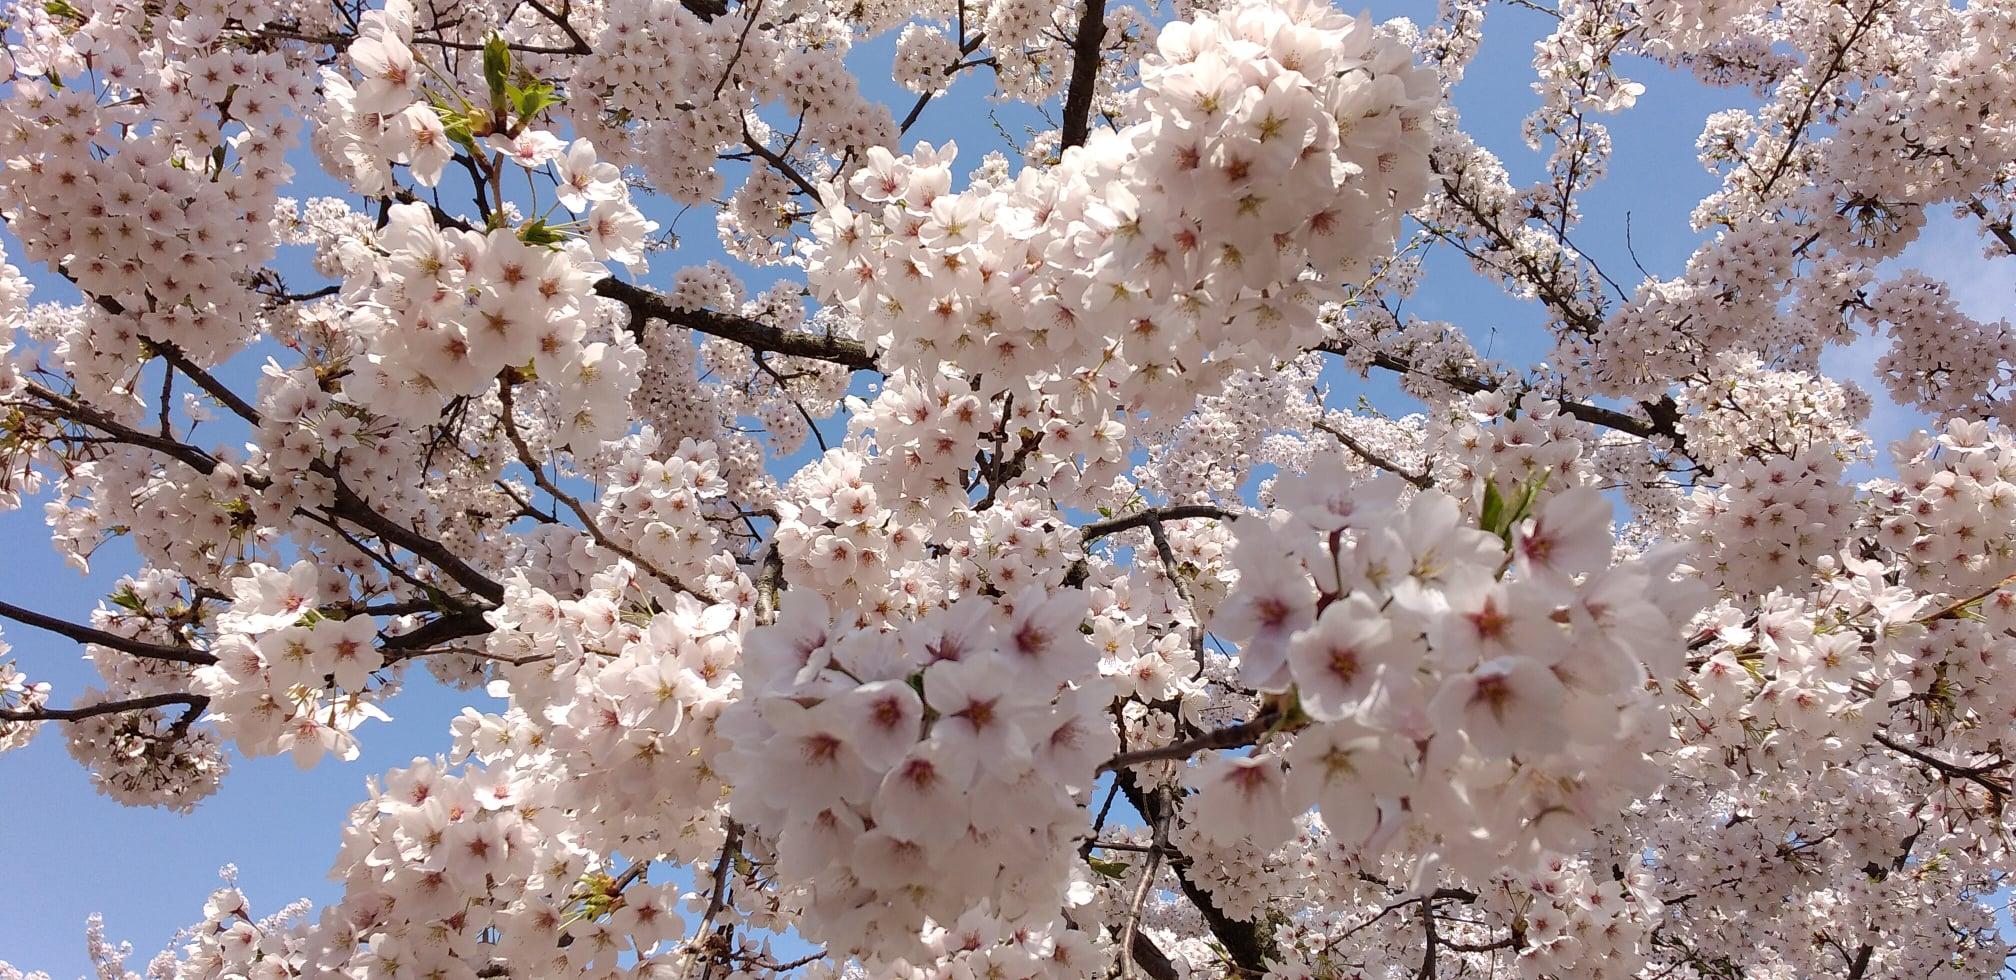 弘前公園の桜はなぜ美しいか